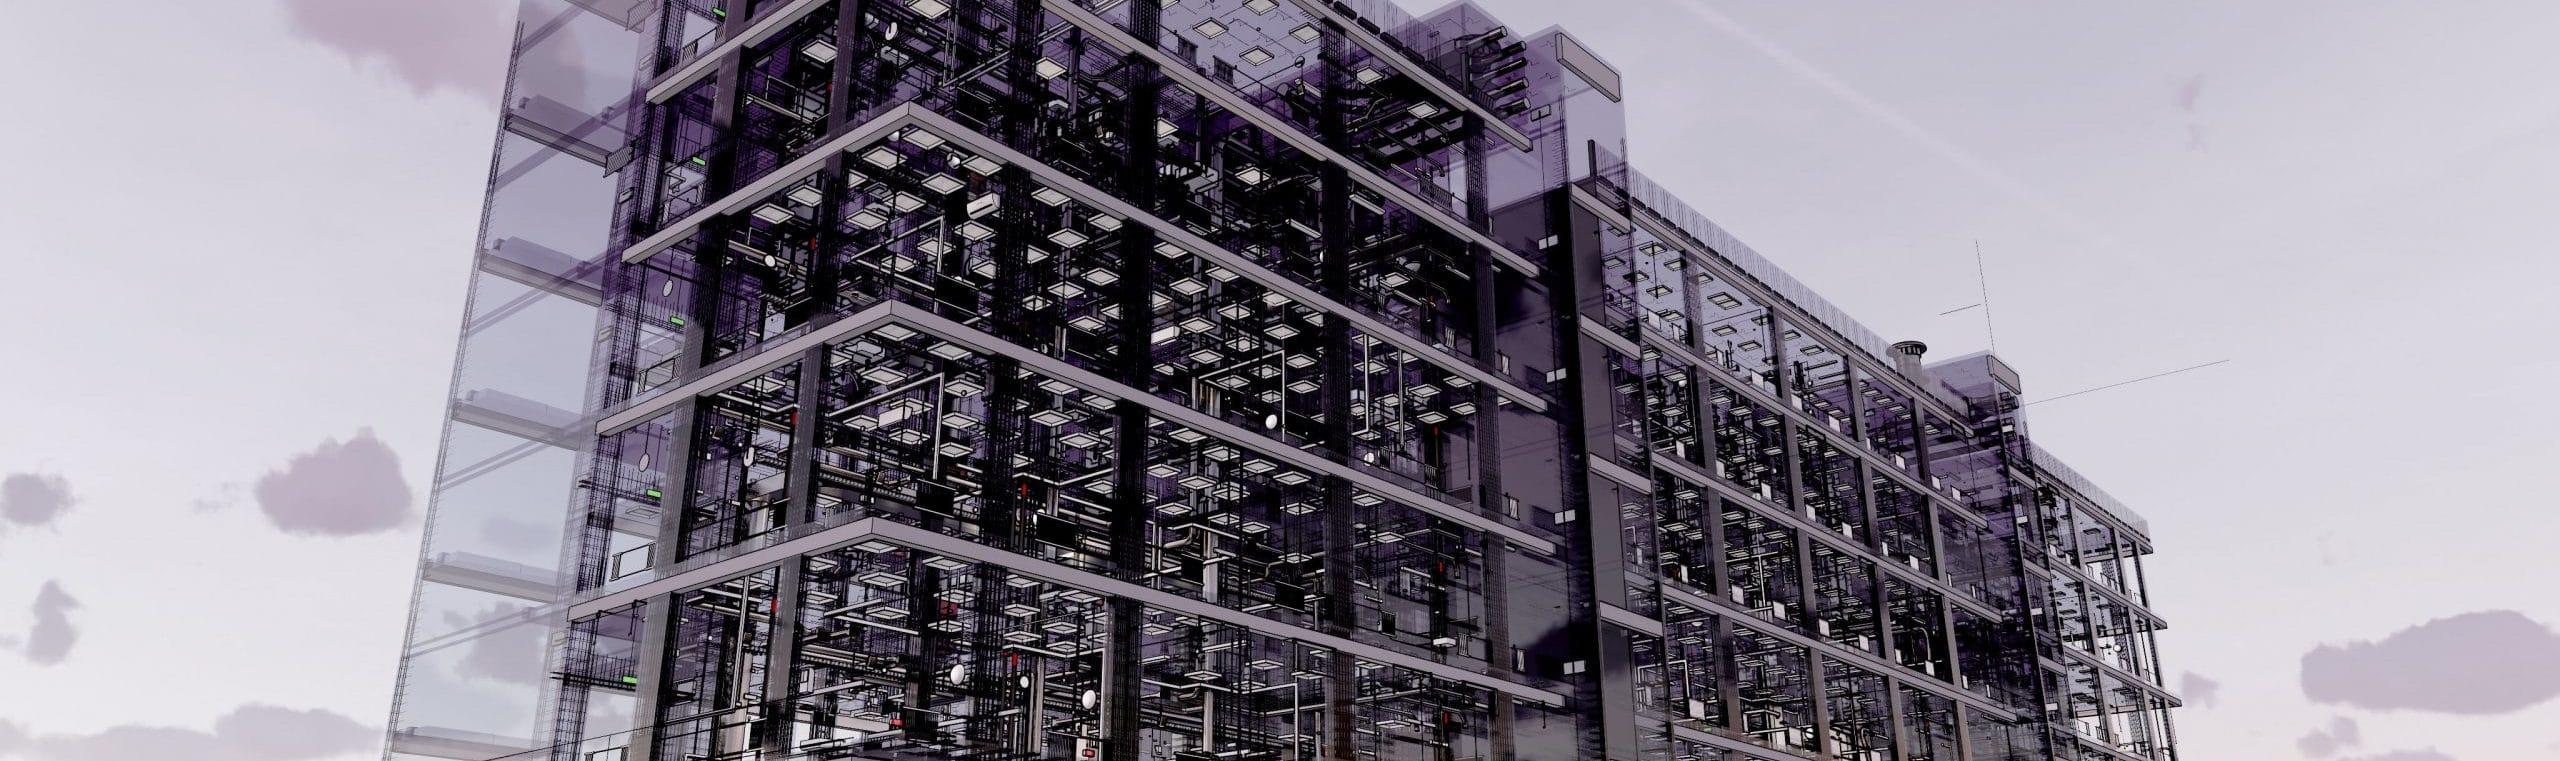 consommation énergétique des bâtiments